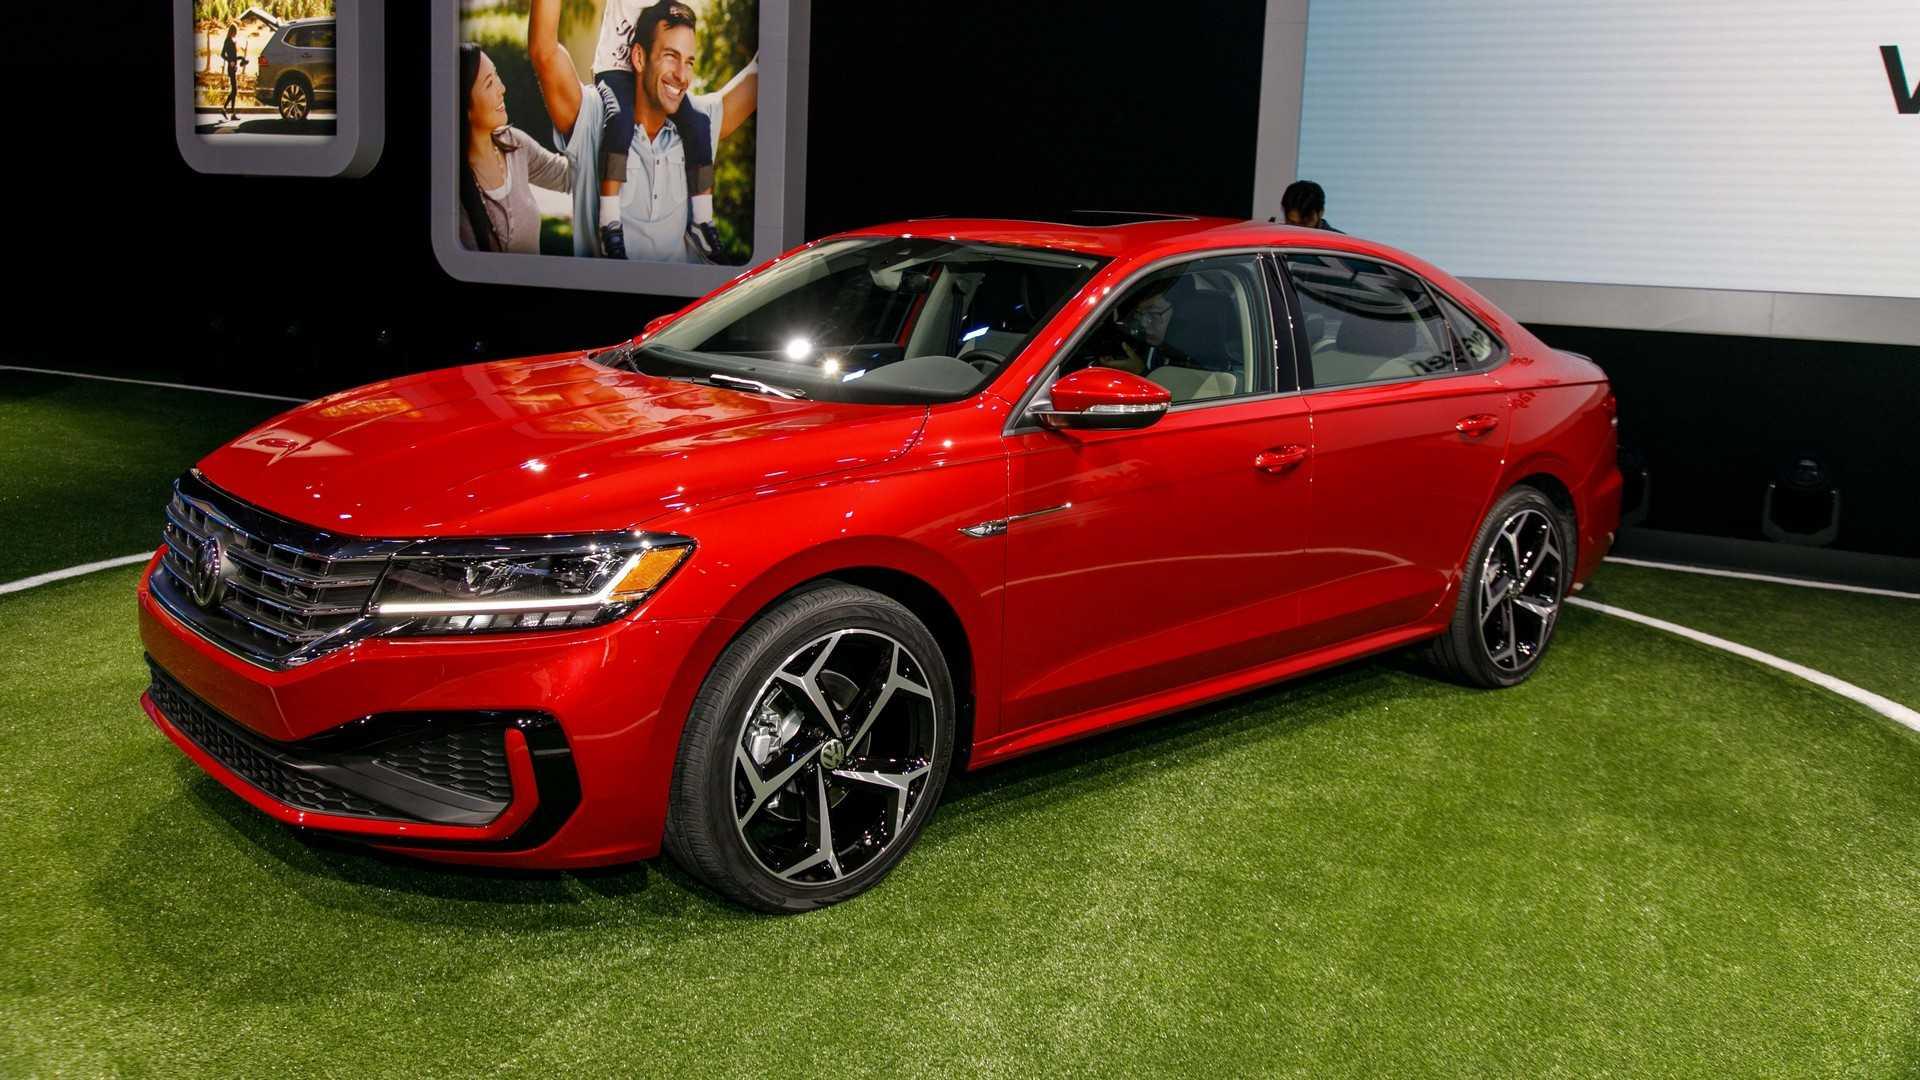 96 The Buy Now Pay In 2020 Volkswagen Specs for Buy Now Pay In 2020 Volkswagen